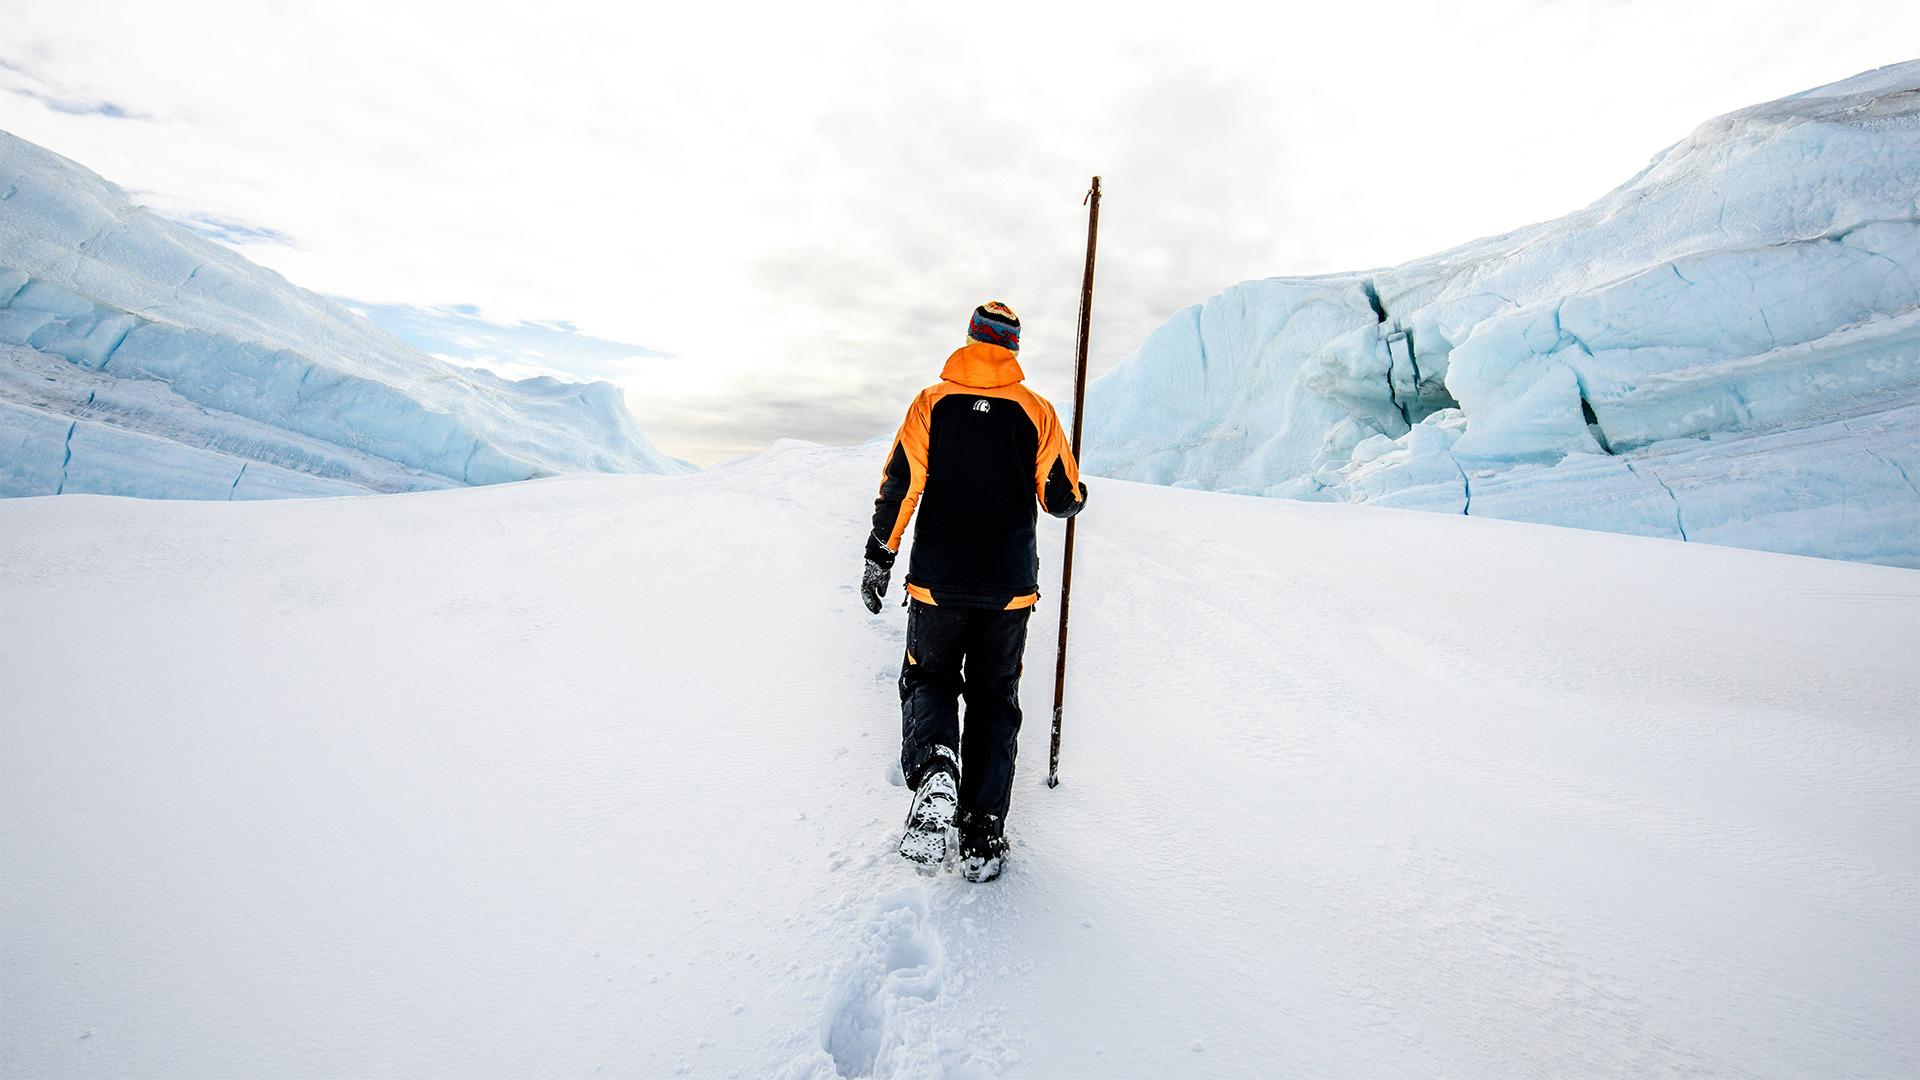 Show Continent 7: Antarctica